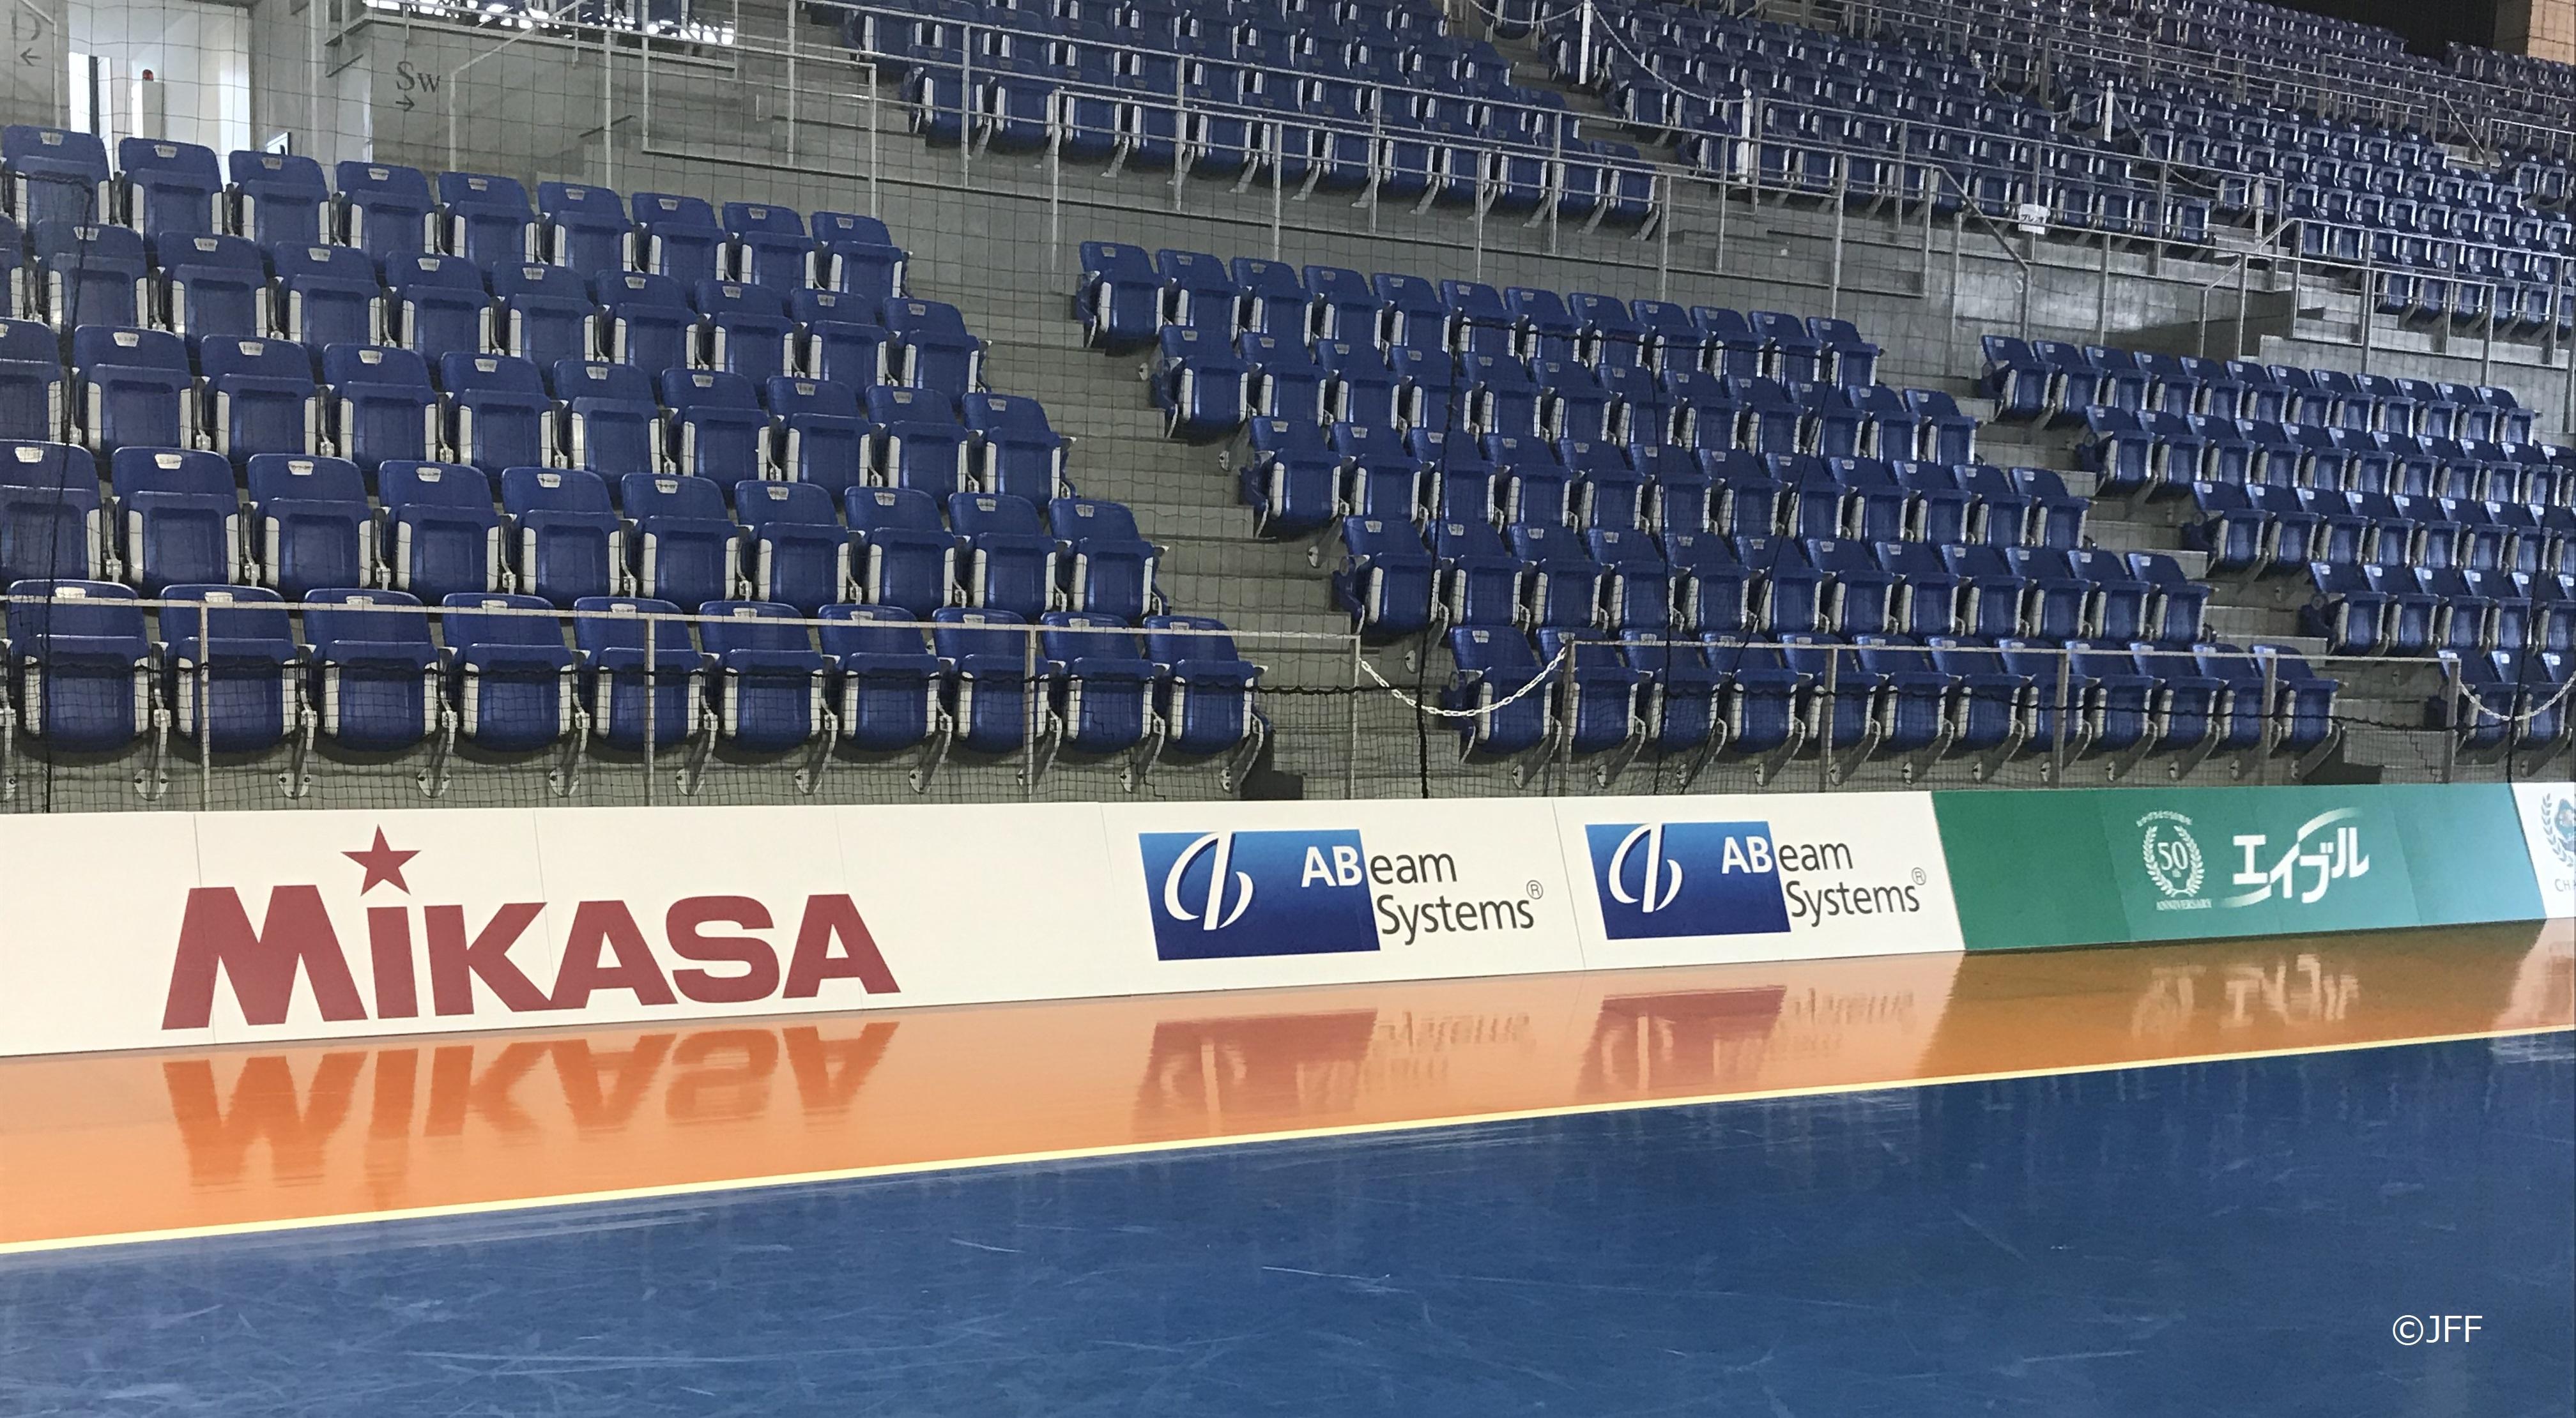 エイブルチャンピオンズカップ地域大学フットサルリーグ2018/2019 supported by ABeam Systems(準決勝第2試合)